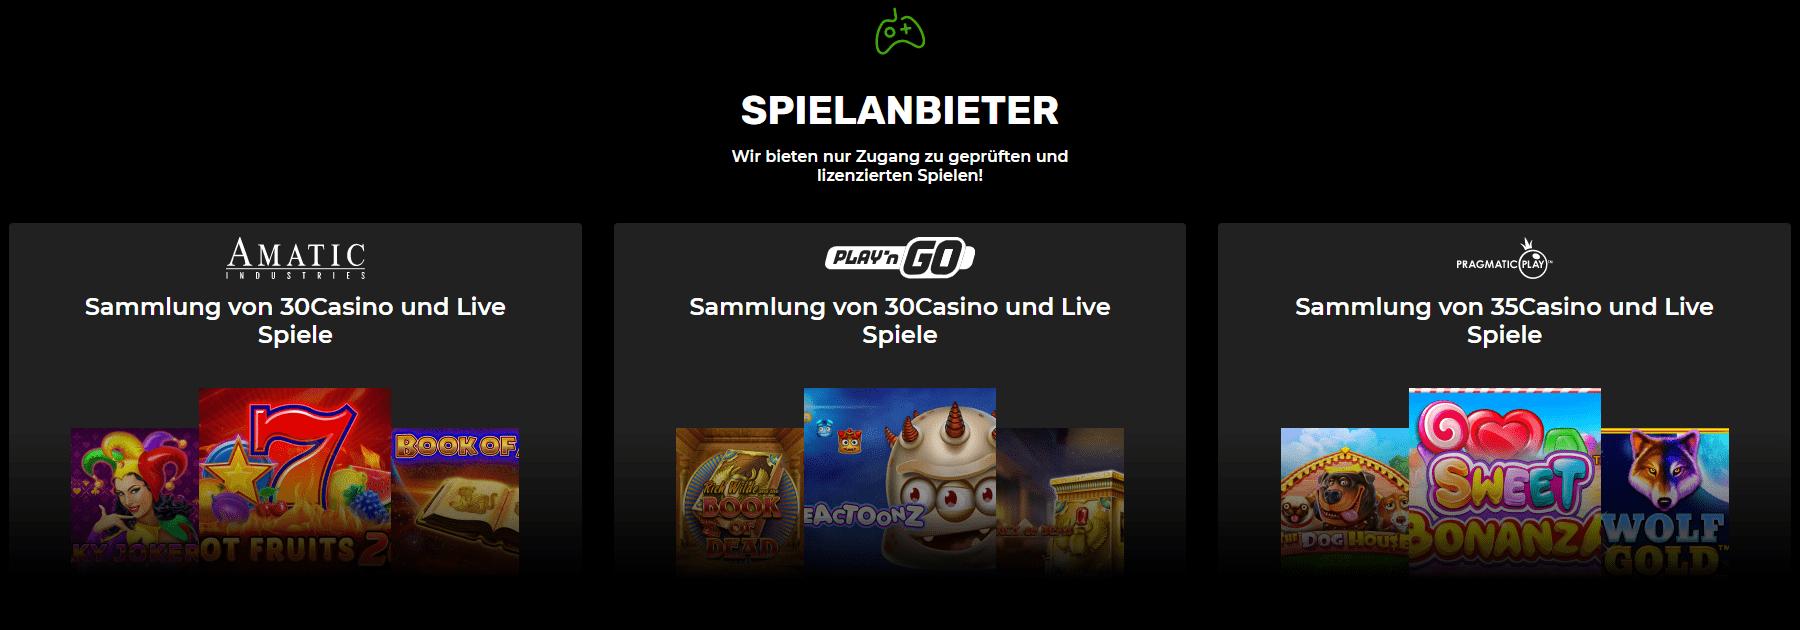 N1 Casino Spiel Anbieter